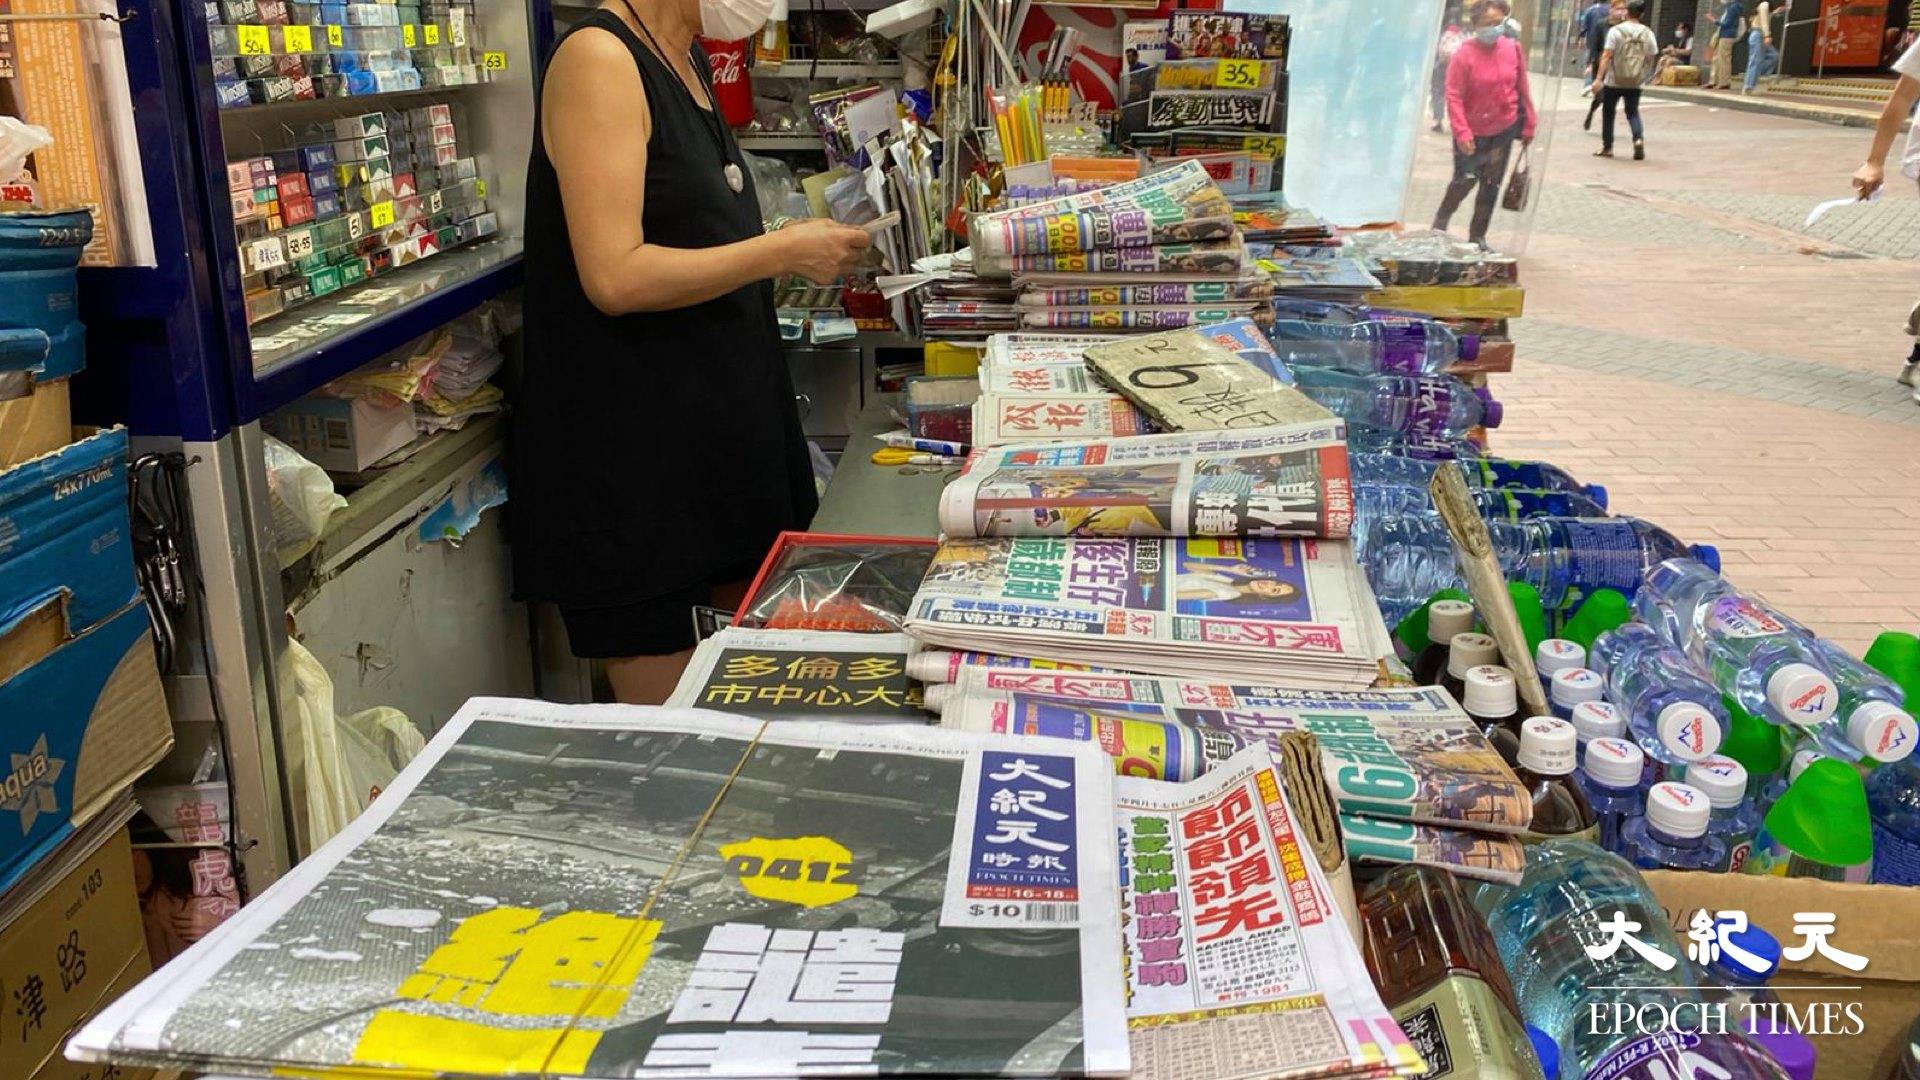 檔主謝小姐表示,今早很多人來買《大紀元》,當中包括很多年輕人,有部份客人太早未買到也幫他們預訂。(梁珍/大紀元)